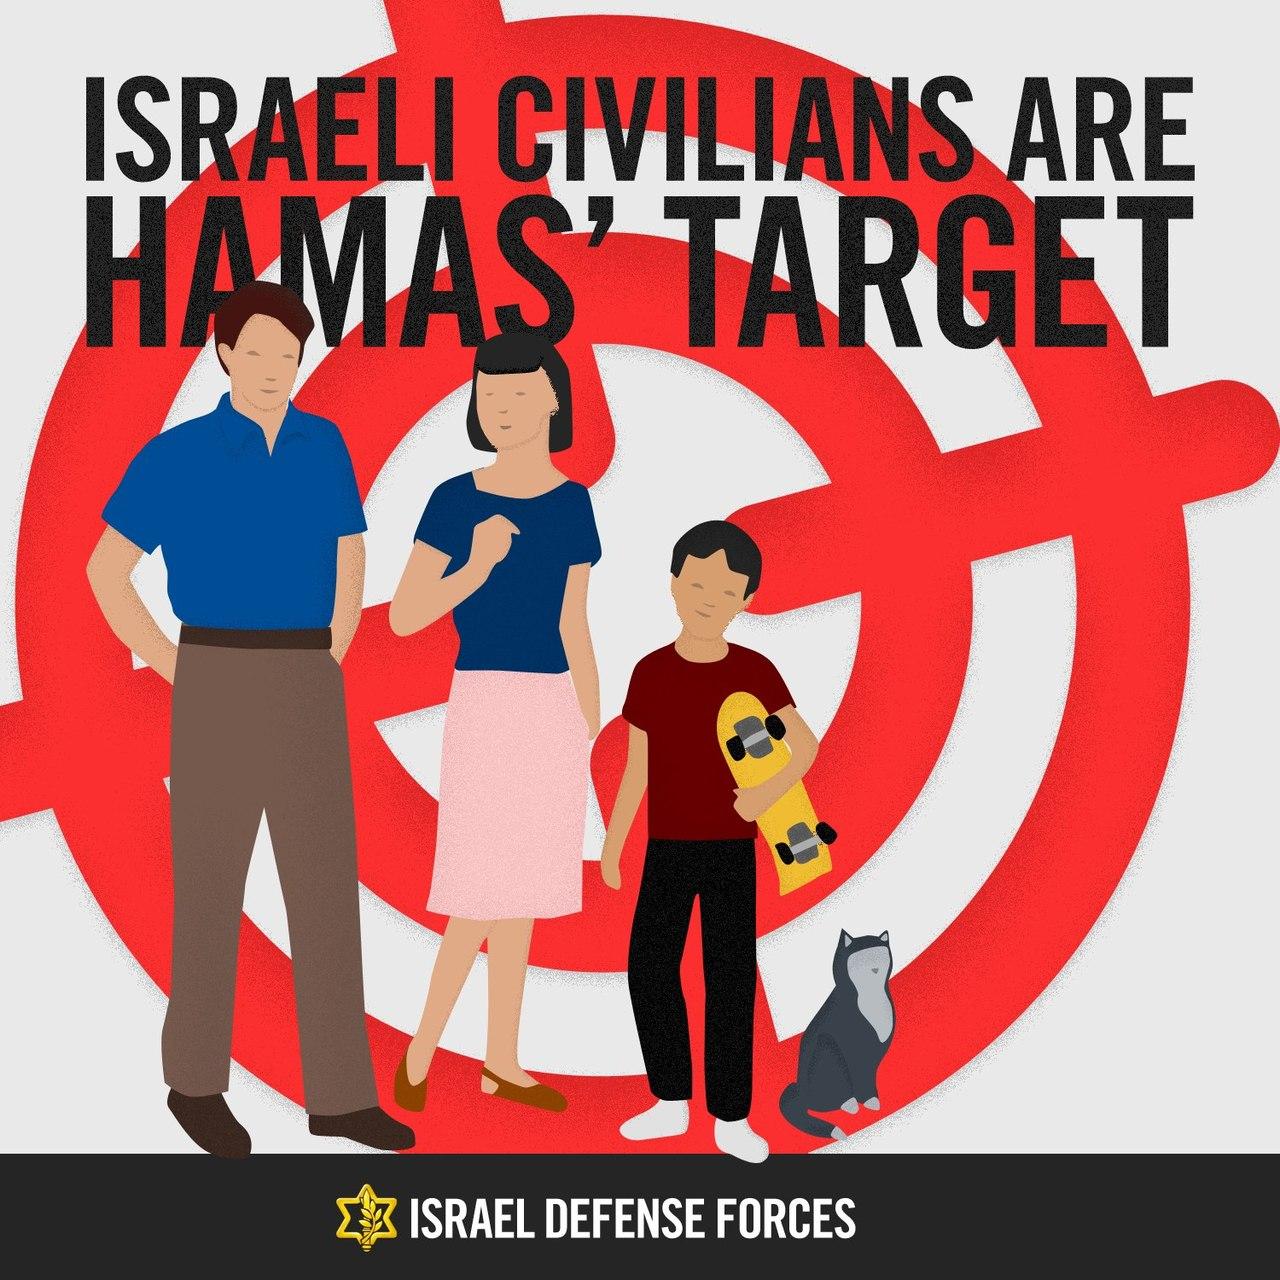 ISRAELE HA IL DIRITTO E DOVERE DI DIFENDERSI